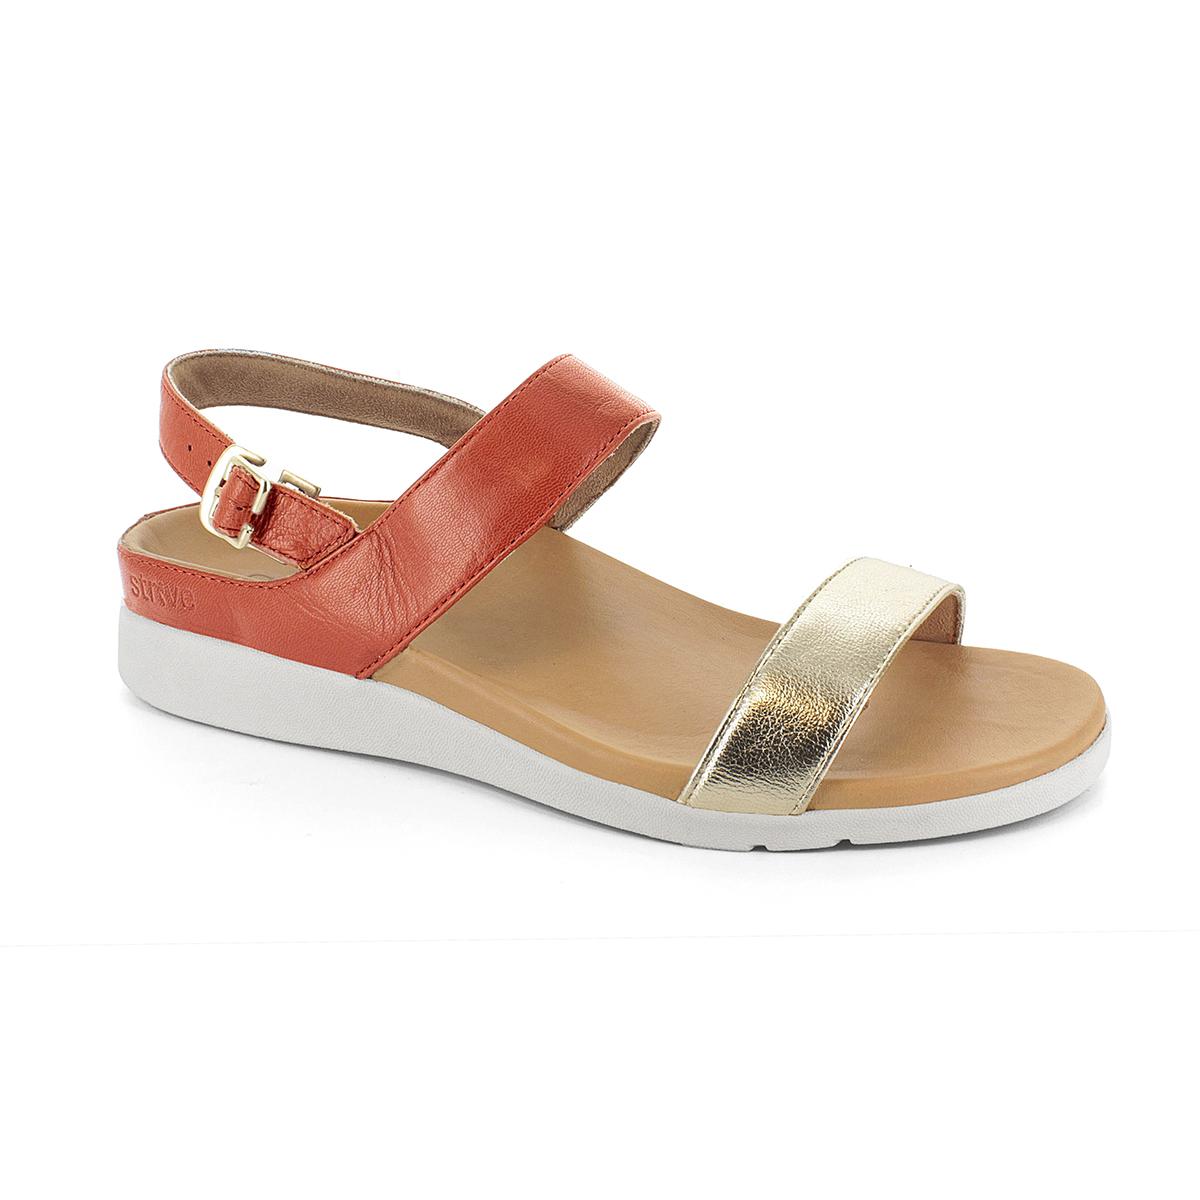 スニーカー感覚で歩き回れる「サンダル」|LUCIA /UK4(23-23.5cm) 独自開発の立体インソールで、スニーカーみたいに歩き回れる「サンダル」|strive